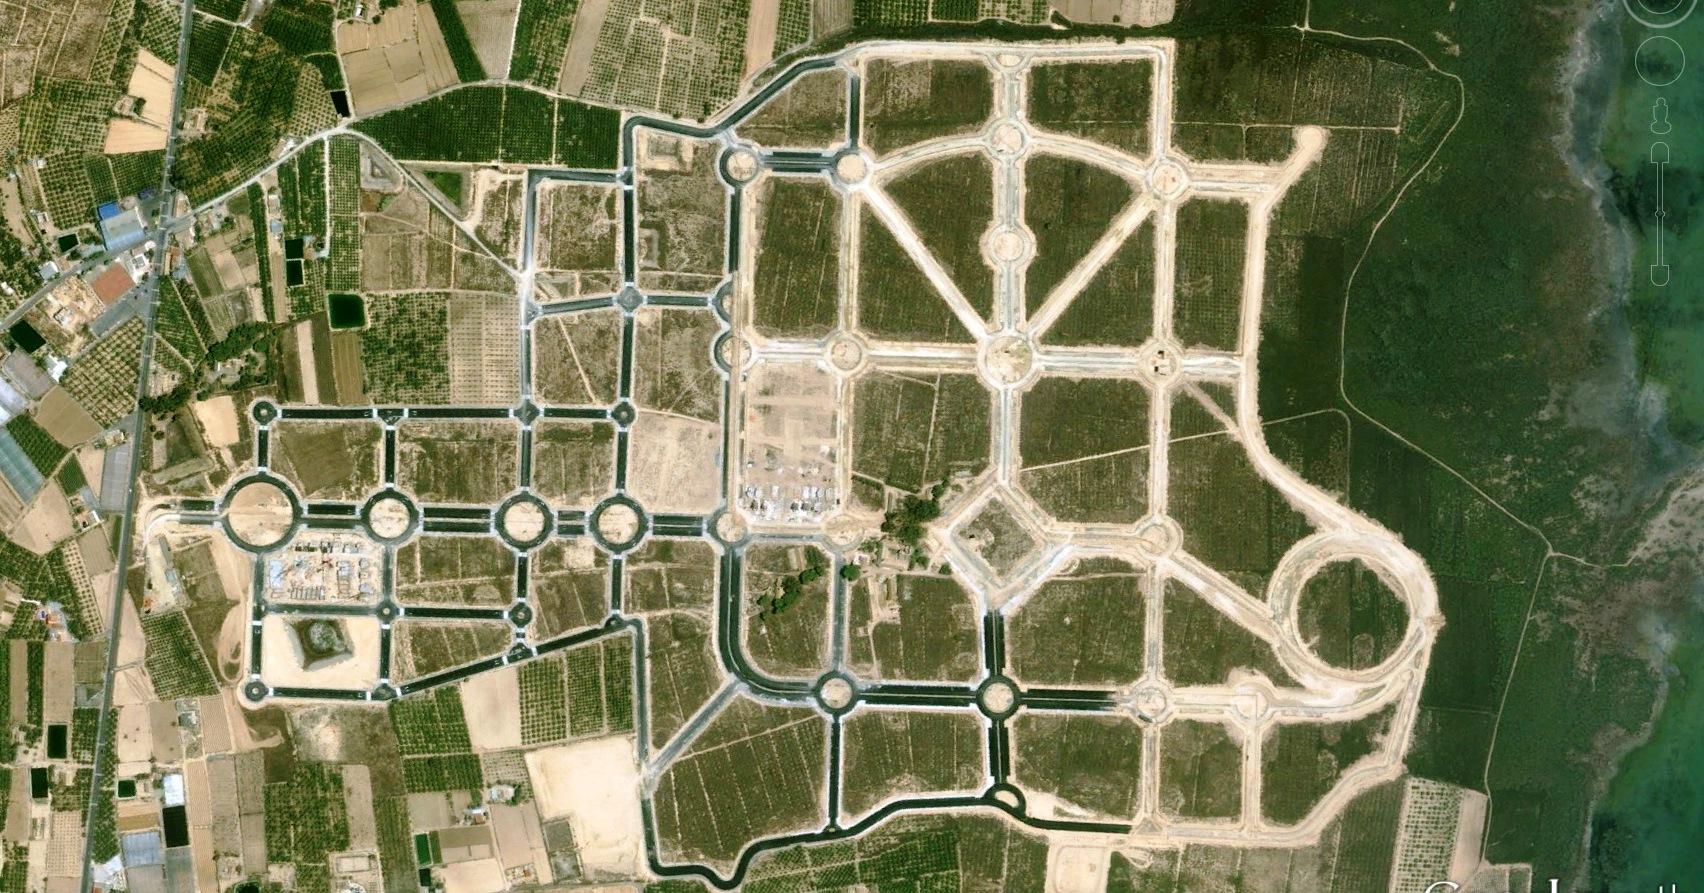 antes, urbanismo, foto aérea, desastre, urbanístico, planeamiento, urbano, construcción, campos de golf, Guardamar del Segura, Alicante